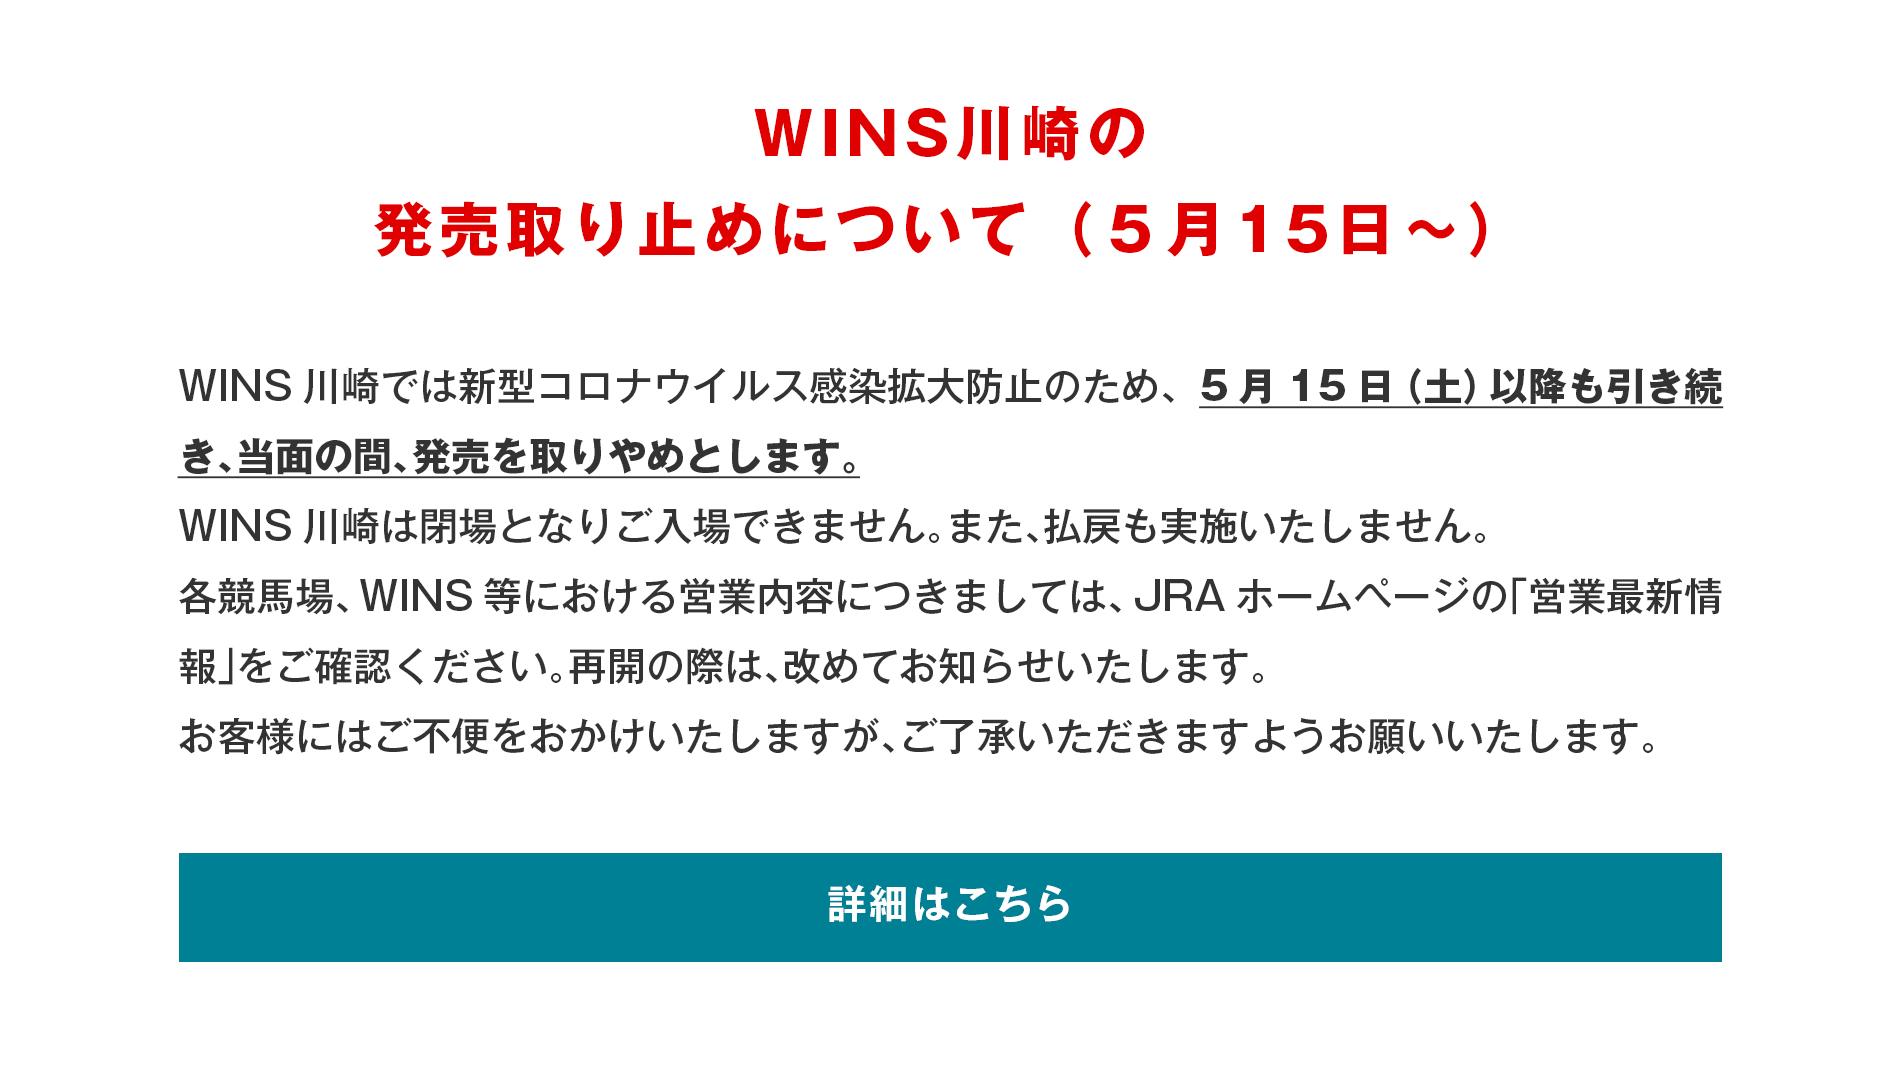 WINS川崎の発売取り止めについて(5月15日~)